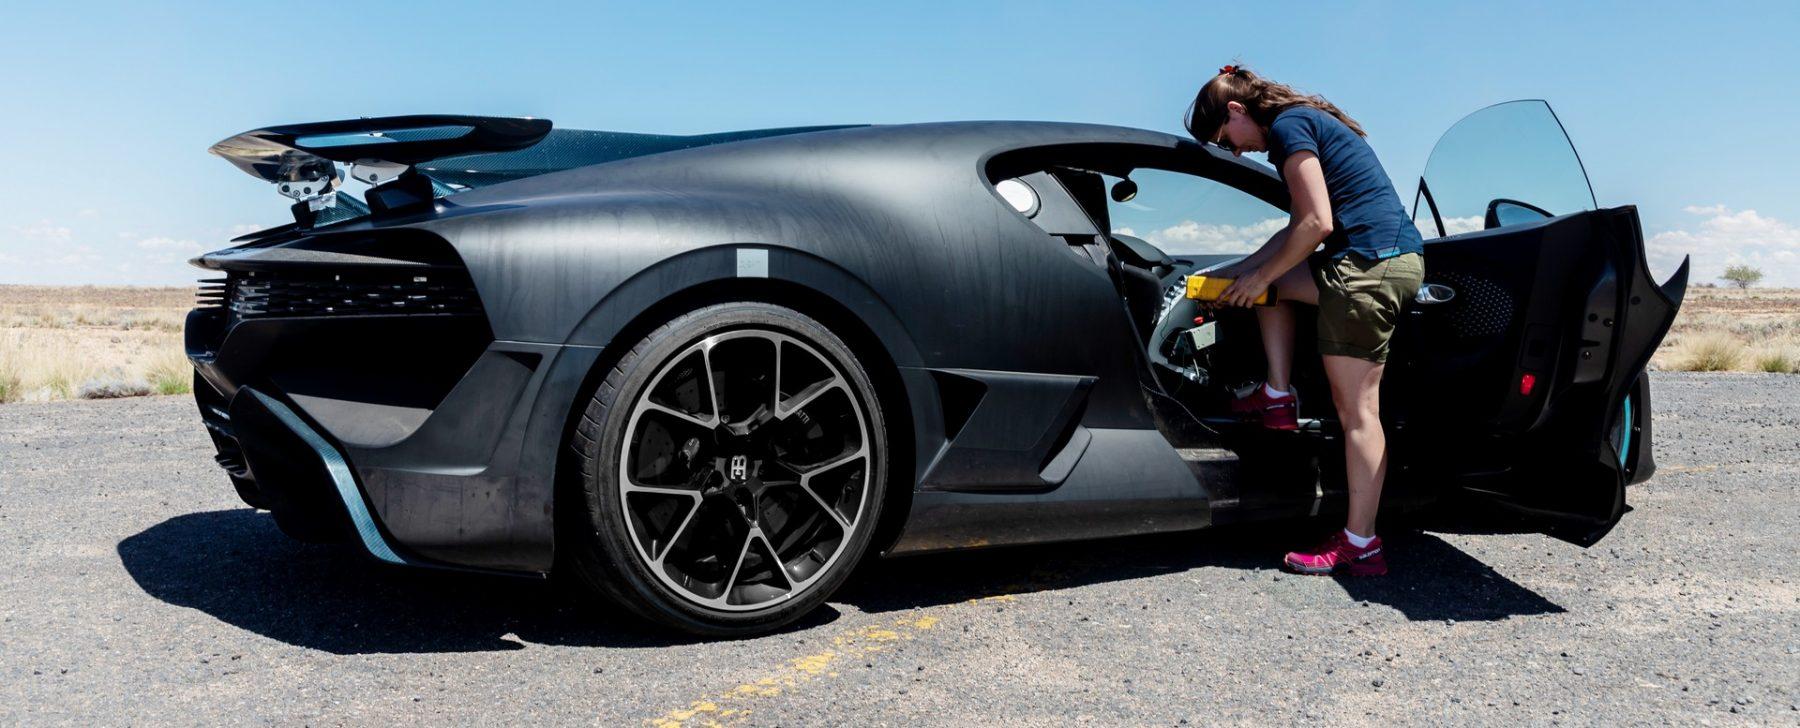 Bugatti Chiron aire acondicionado